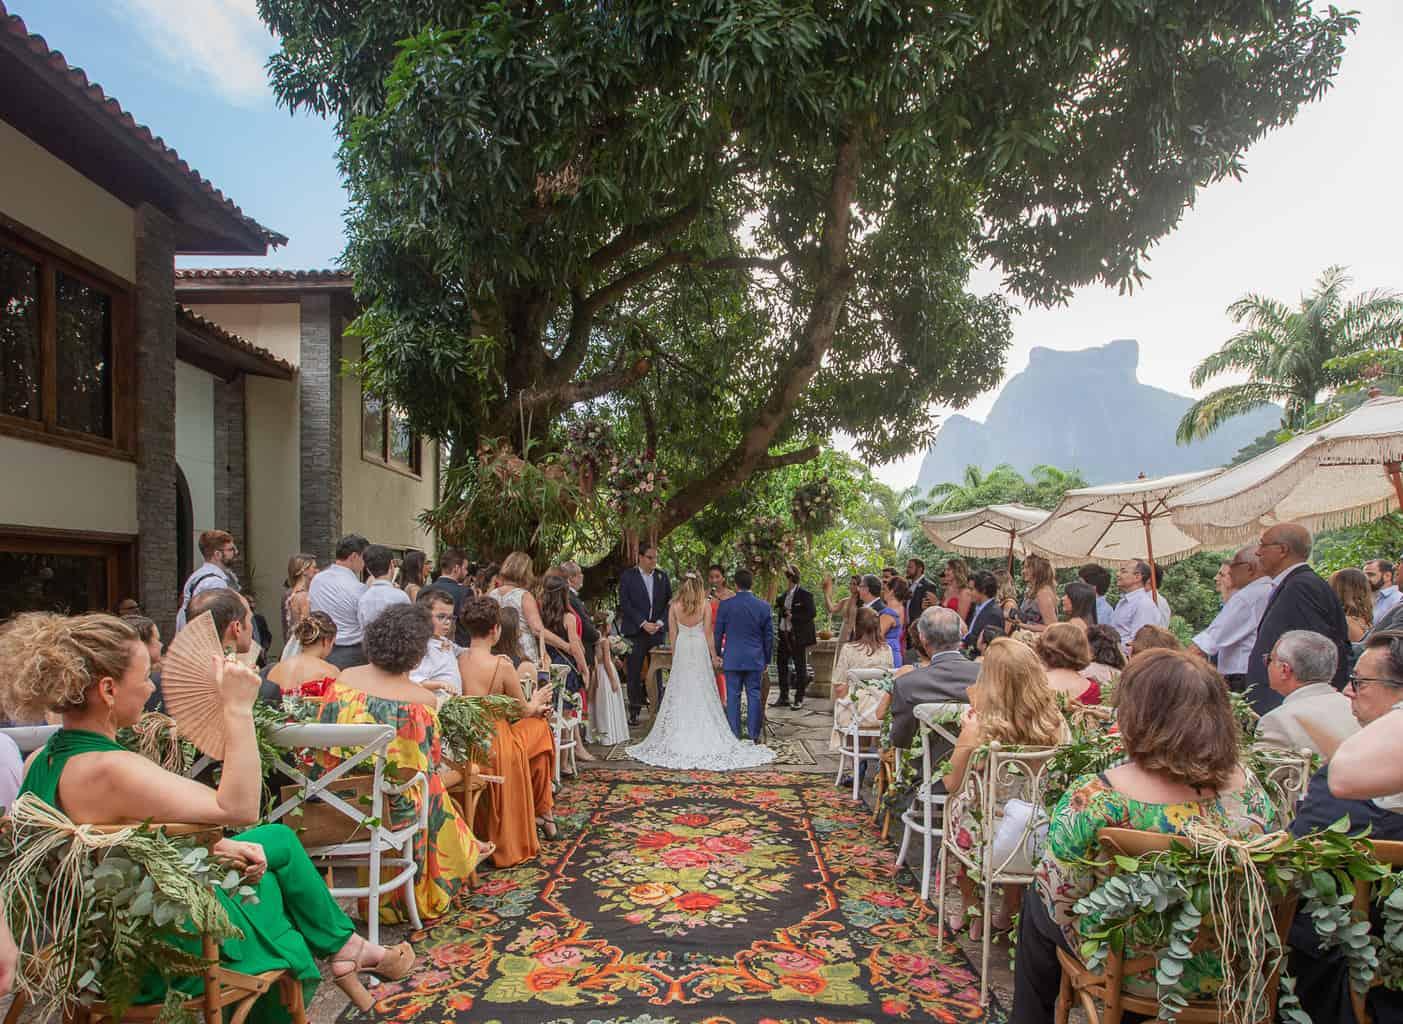 Casa-Capuri-casamento-Roberta-e-Rodrigo-cerimonia-ao-ar-livre-Rodrigo-Sack124